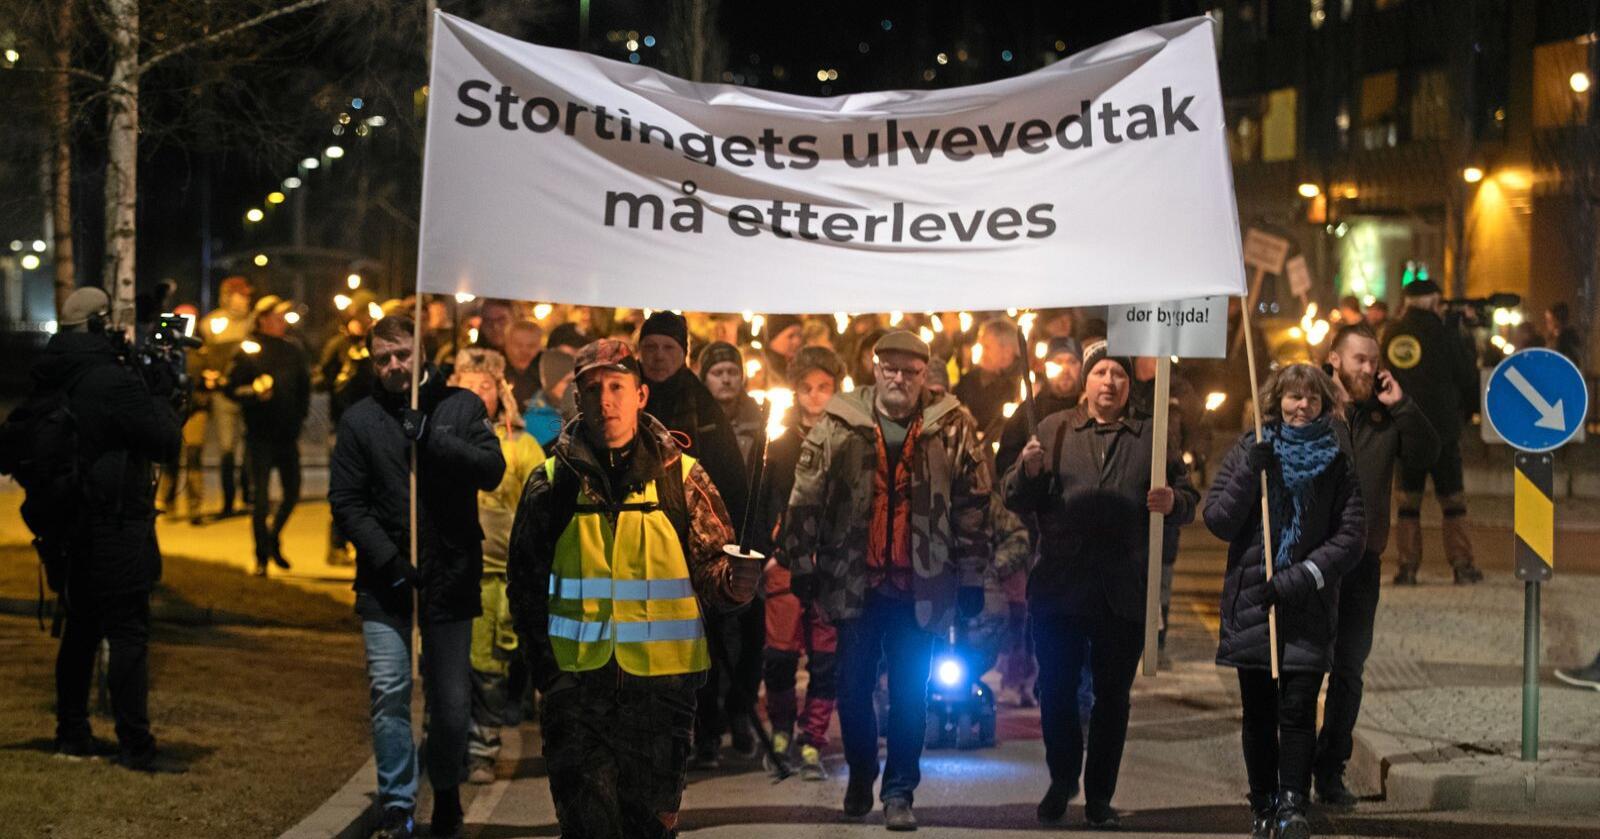 Rundt 1500 mennesker deltok i demonstrasjonen mot stopp i ulvejakta onsdag kveld. Alle foto: Vidar Sandnes